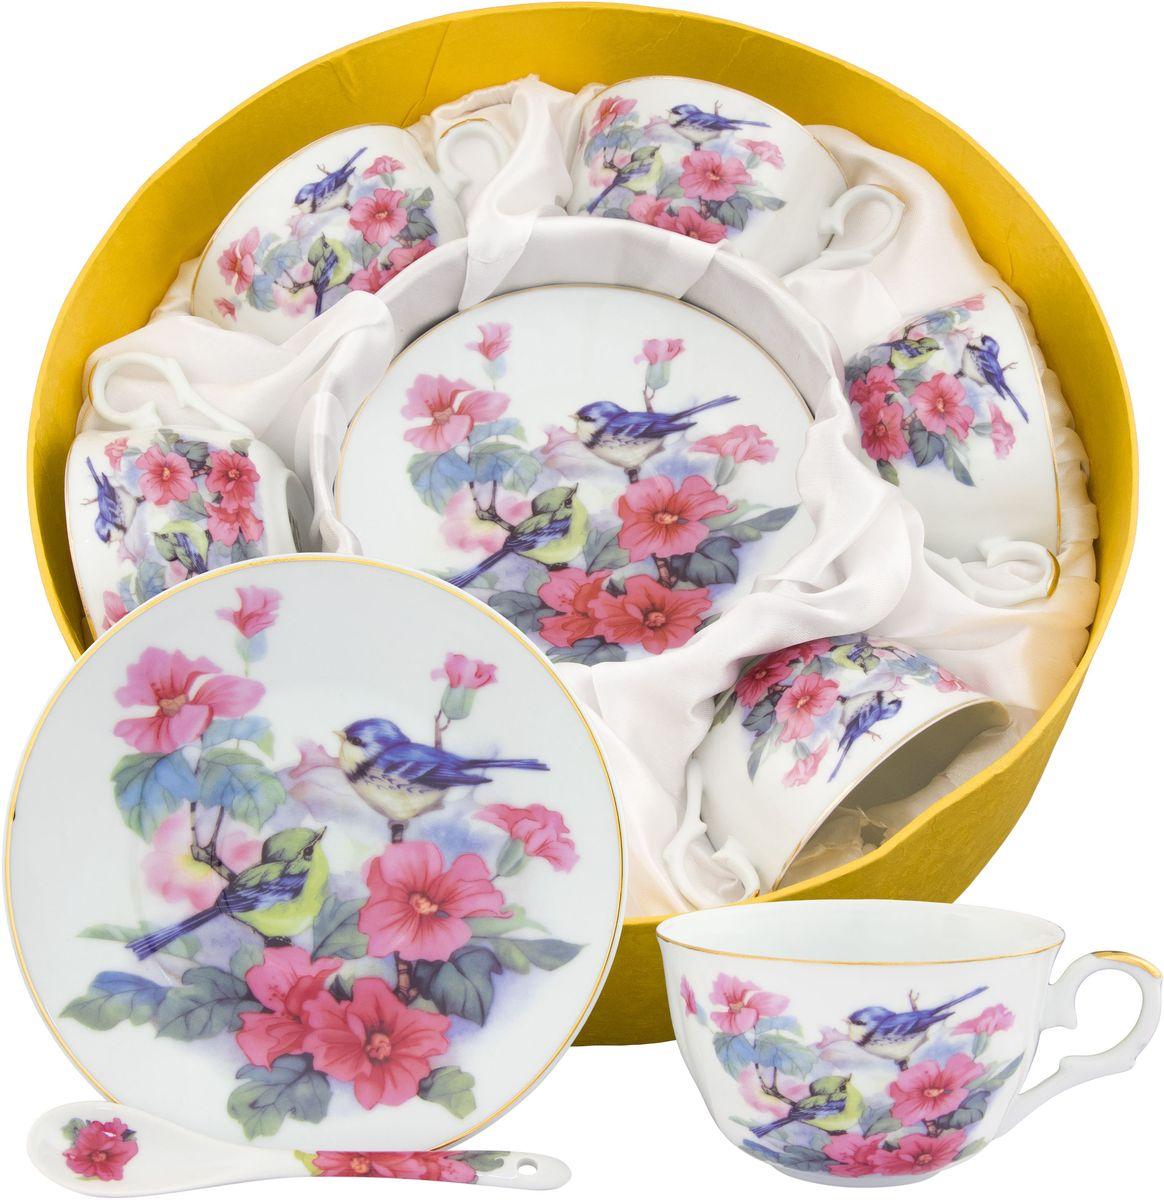 Чайный набор Elan Gallery Синички в шиповнике, с ложкой, 18 предметов180817Набор на 6 персон сделает Ваше чаепитие незабываемым. В комплекте: 6 чашек объемом 250 мл, 6 блюдец, 6 ложек. Изделие имеет подарочную упаковку с шелковой подложкой, поэтому станет желанным подарком для Ваших близких!Модные наборы для чаепития Elan Gallery являются верным выбором для любого гардероба. Внешний вид наборов основательно выверен. Все части аккуратно выбраны и отлично подходят друг к другу.